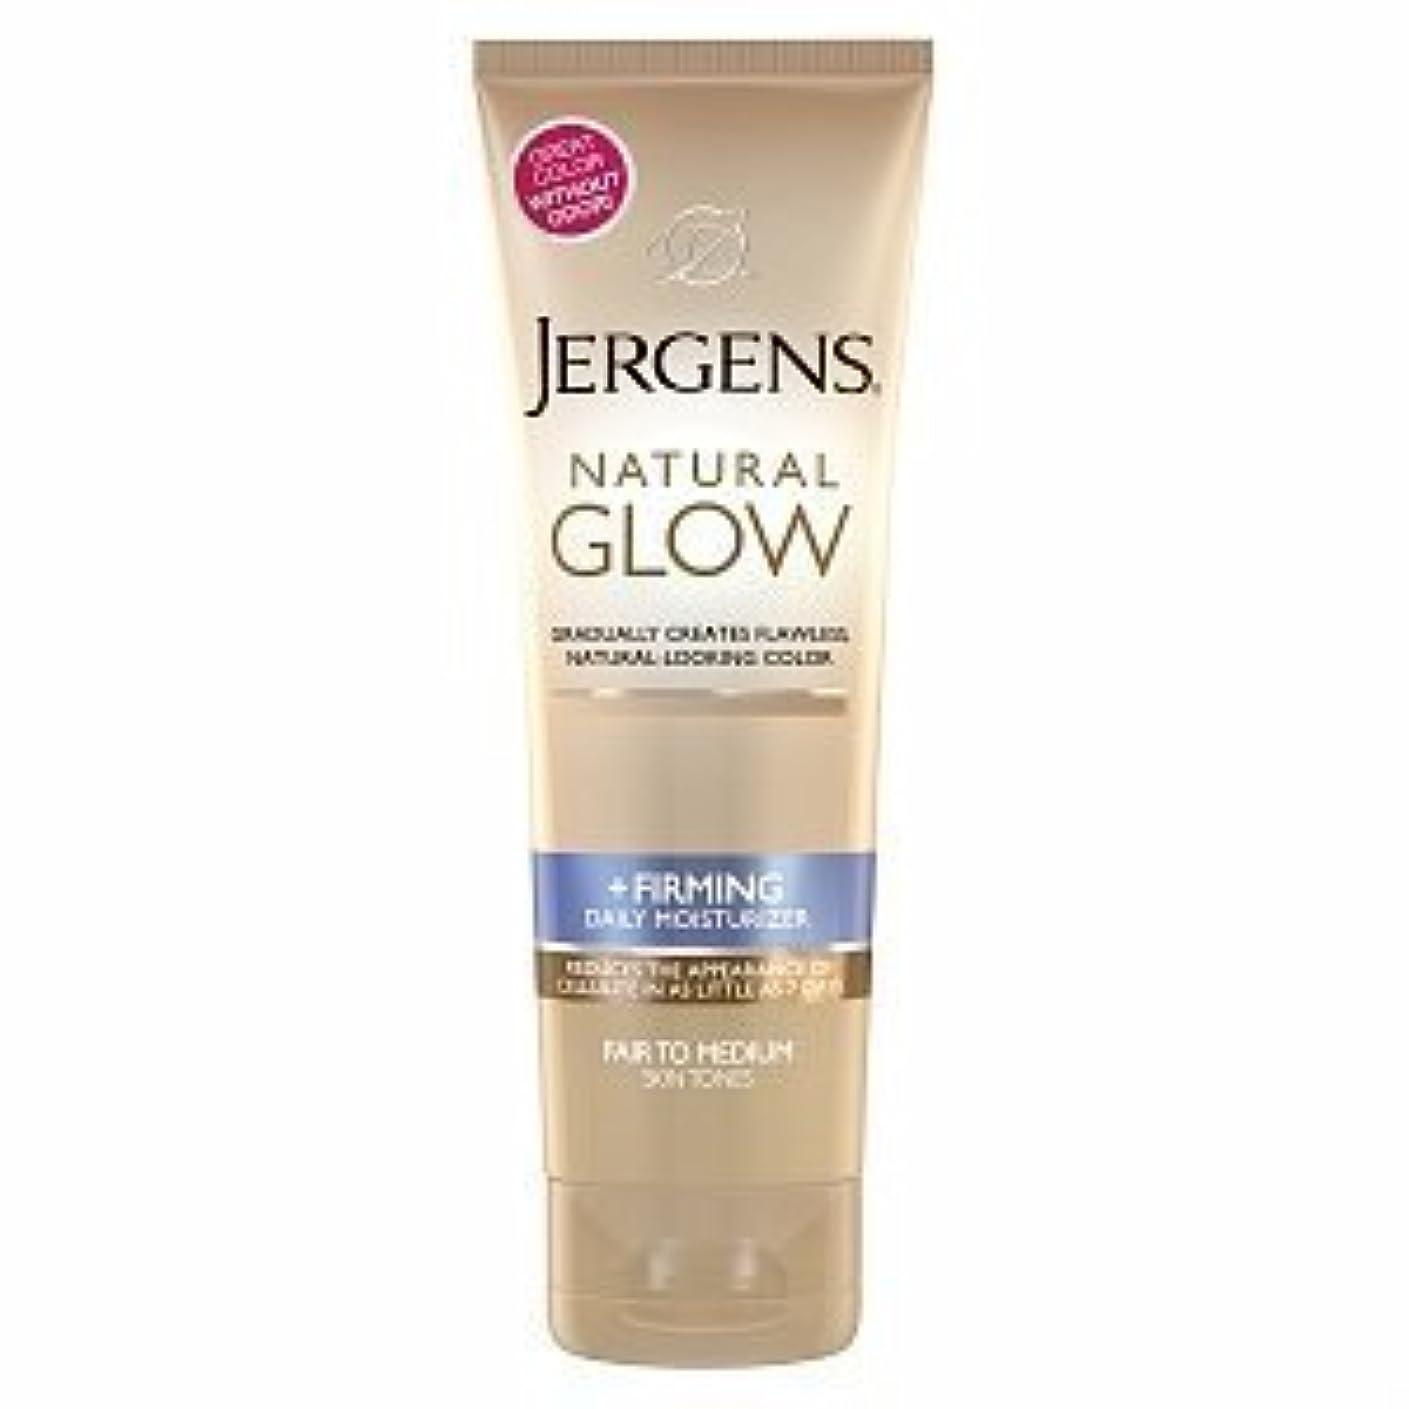 運ぶ冷酷なまた明日ねNatural Glow Firming Daily Moisturizer, Fair to Medium Skin Tone 7.5 fl oz (221 ml) (海外直送品)